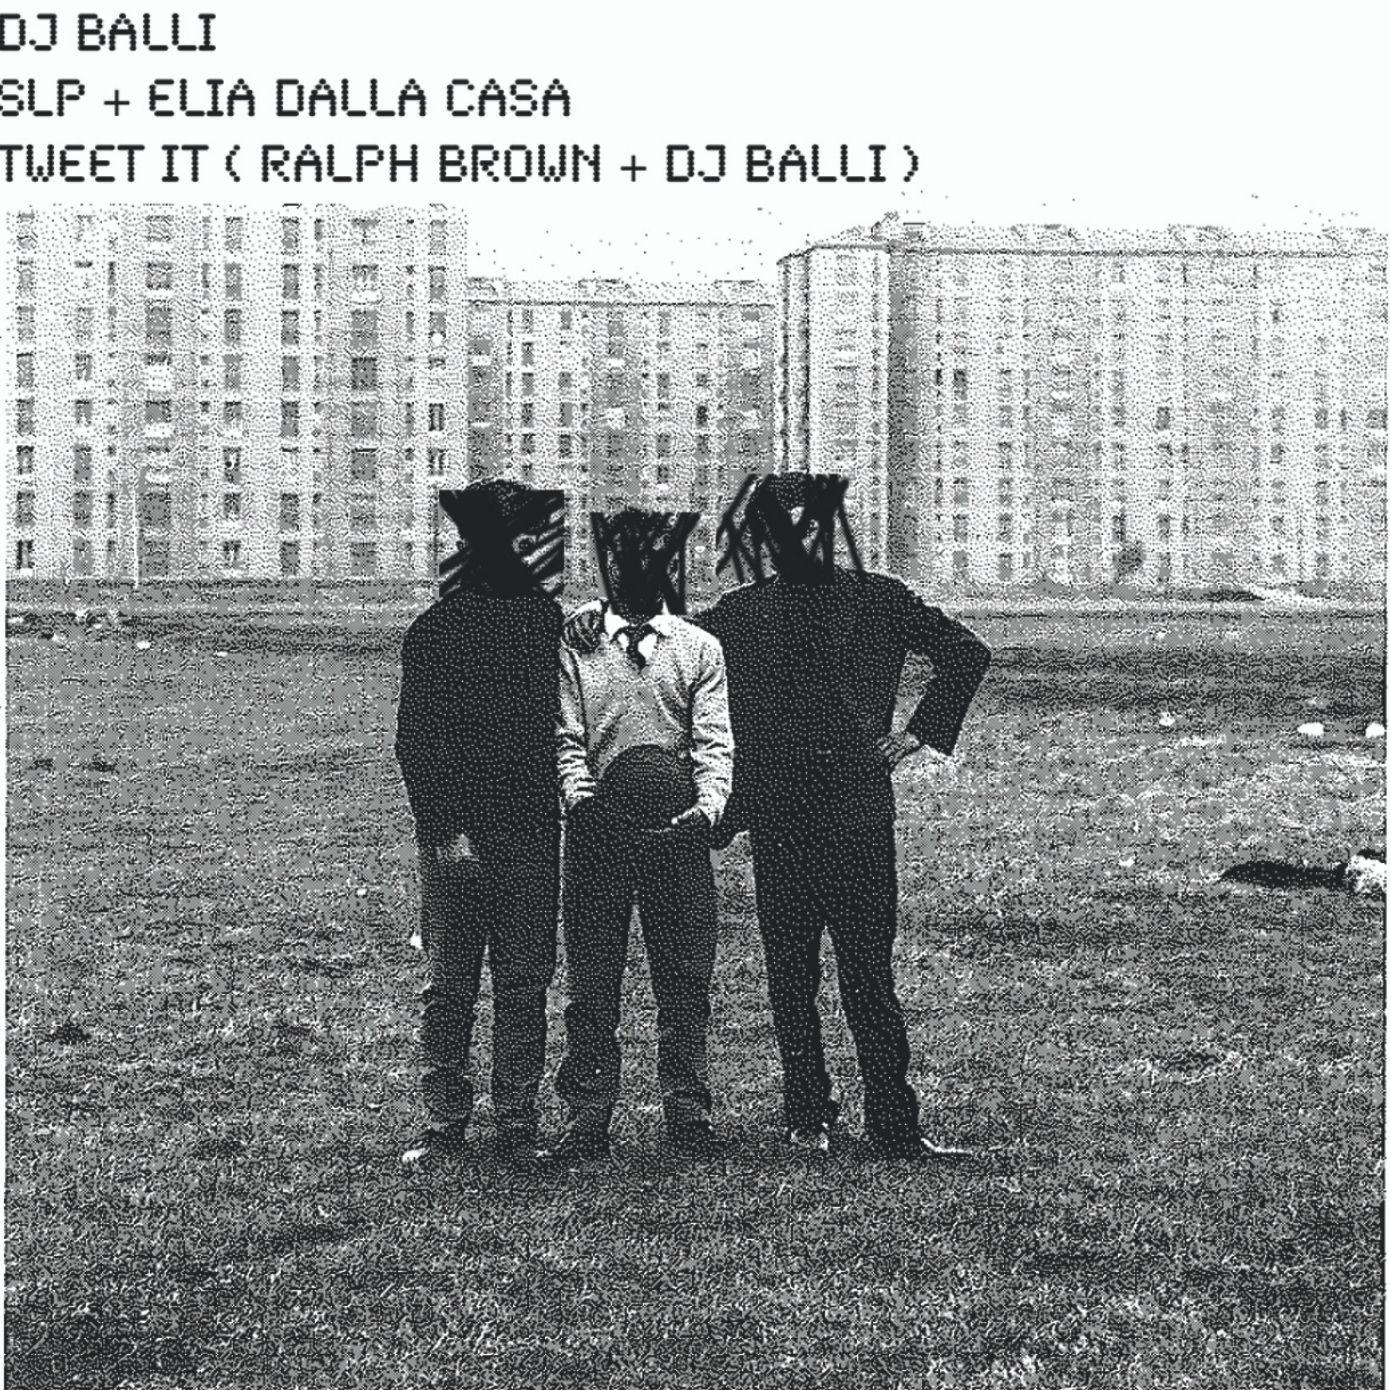 """DJ Balli / SLP & Elia Dalla Casa / Dj Balli & Ralph Brown, """"LIVE @ NUB"""" (SR076, 2012)"""